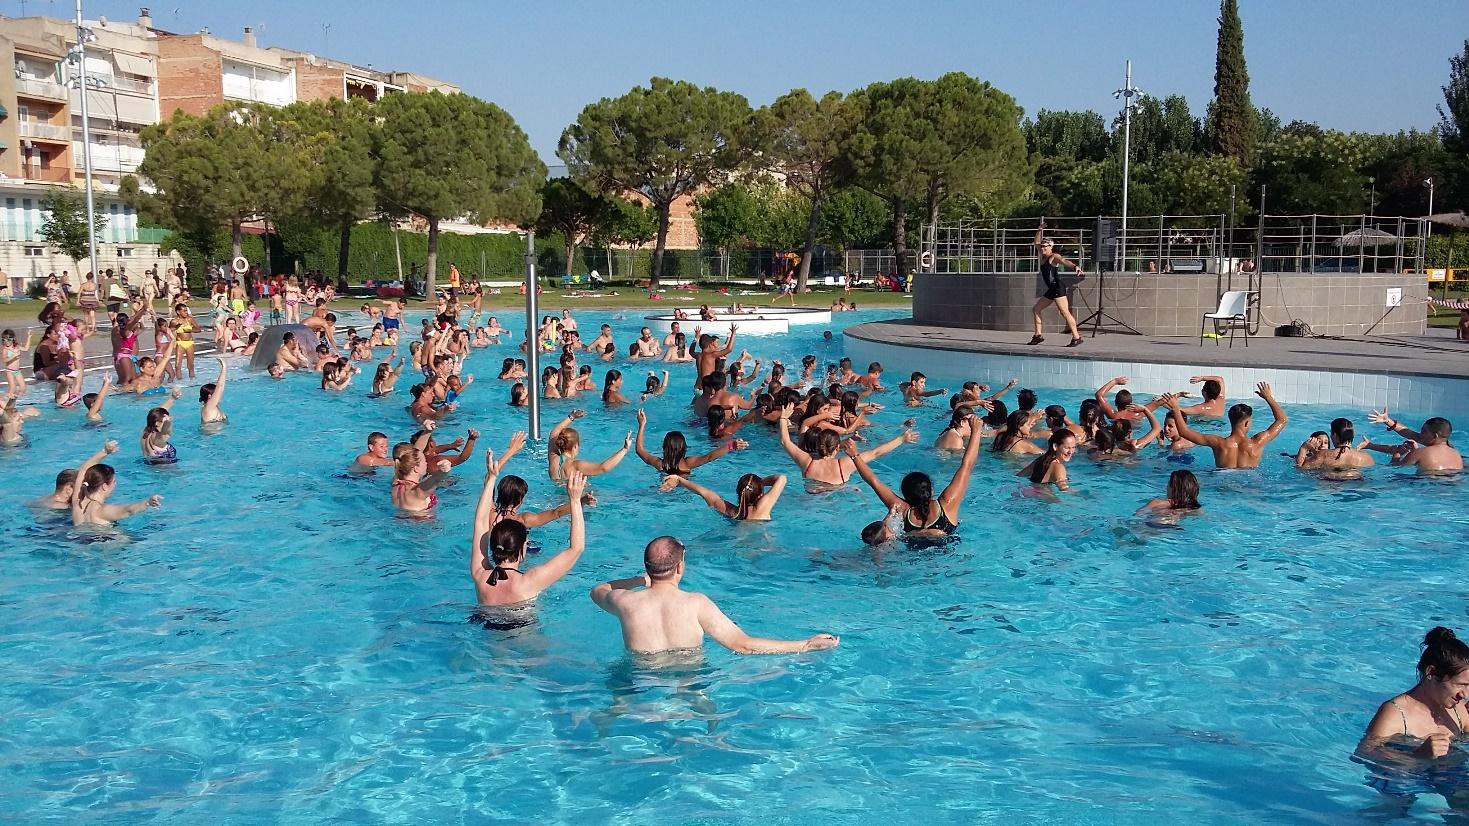 La piscina coberta obre portes pel bany lliure el dia 21 i a partir de l'1 d'octubre engega amb 74 cursets